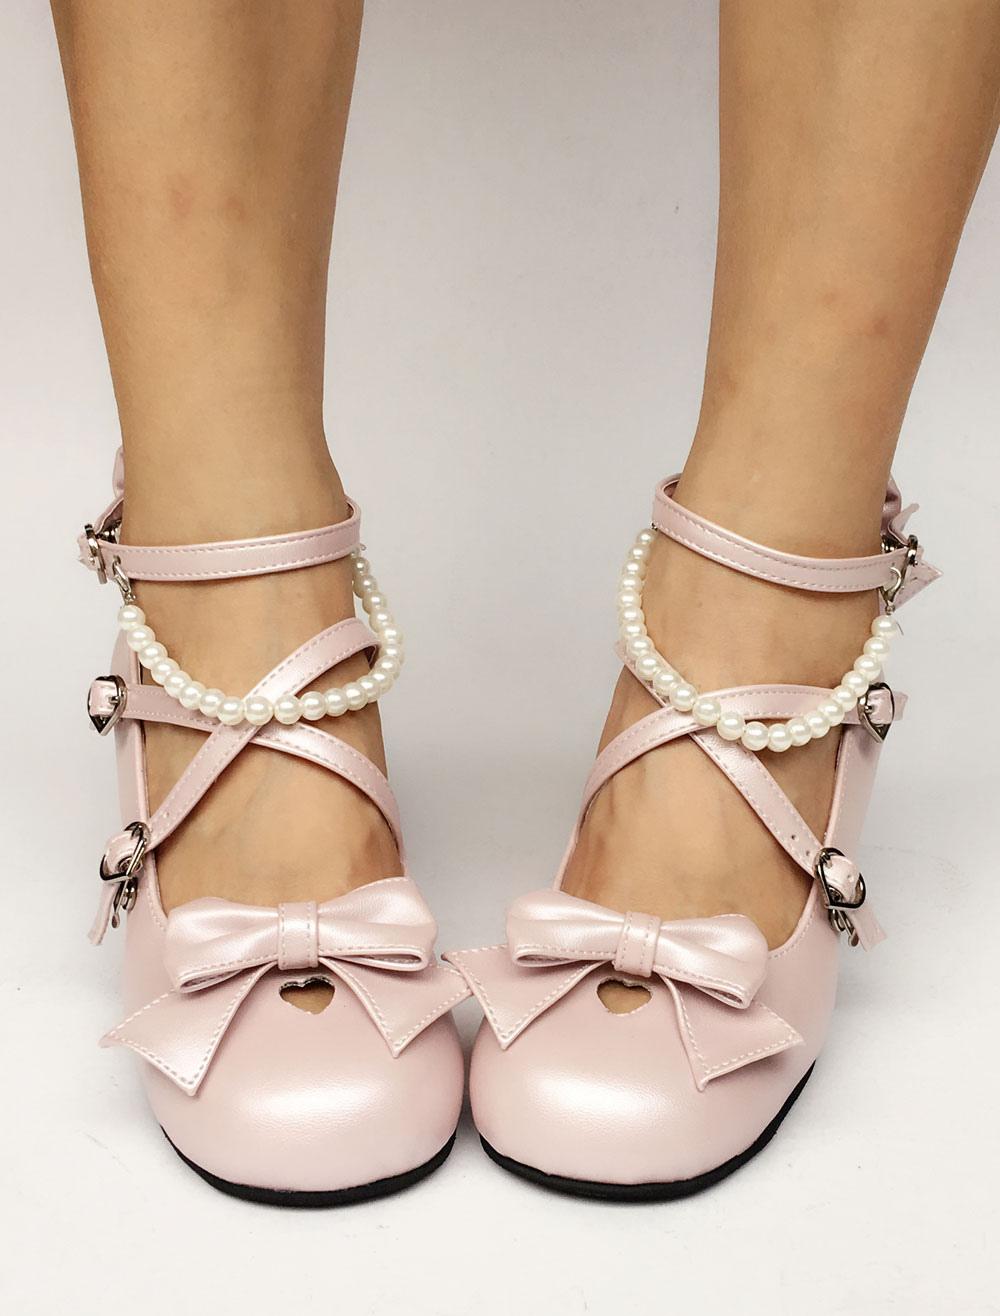 Zapatos de lolita de PU de puntera redonda con lazo de color rosado de perla estilo street wear DQFMNB